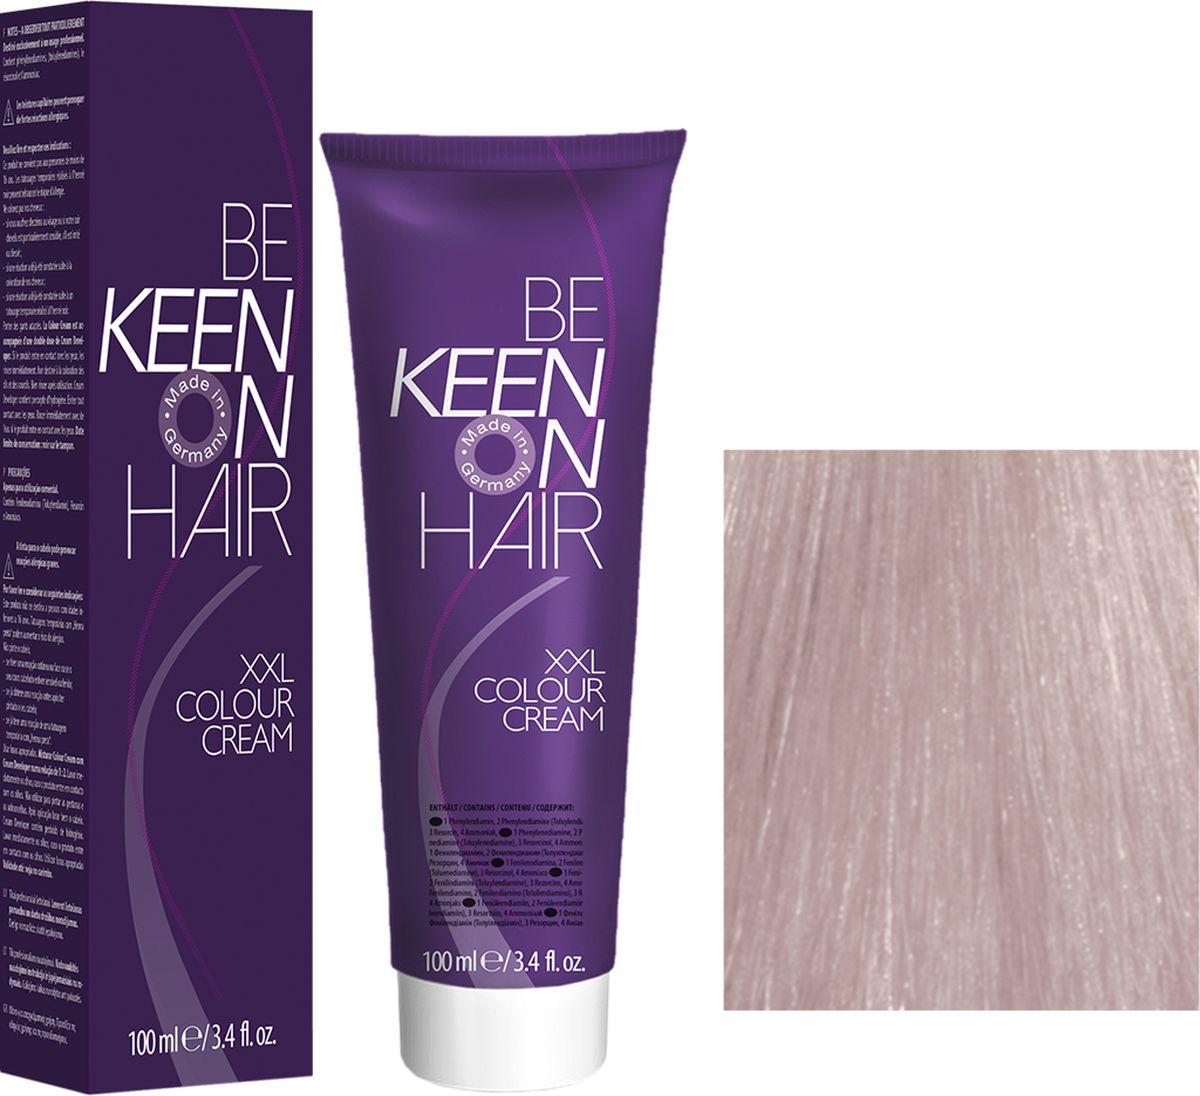 Keen Краска для волос 10.8 Ультра-светлый жемчужный блондин Ultrahellblond Perl, 100 мл69100102Модные оттенкиБолее 100 оттенков для креативной комбинации цветов.ЭкономичностьПри использовании тюбика 100 мл вы получаете оптимальное соотношение цены и качества!УходМолочный белок поддерживает структуру волоса во время окрашивания и придает волосам блеск и шелковистость. Протеины хорошо встраиваются в волосы и снабжают их влагой.